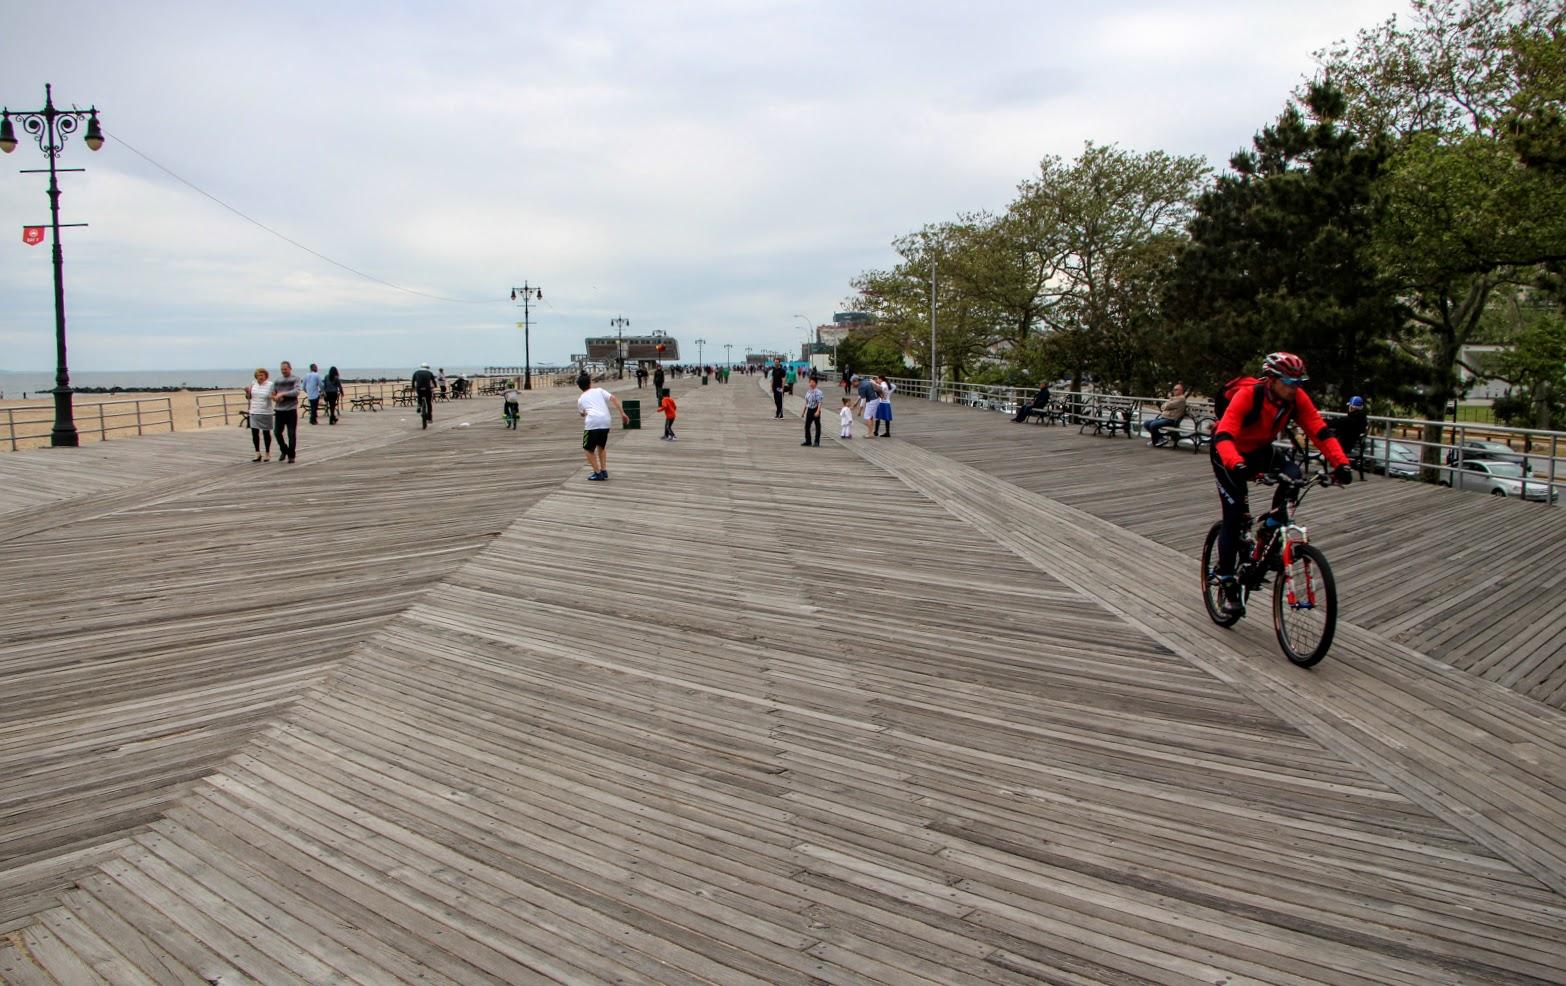 ocean-parkway-bike-path-8